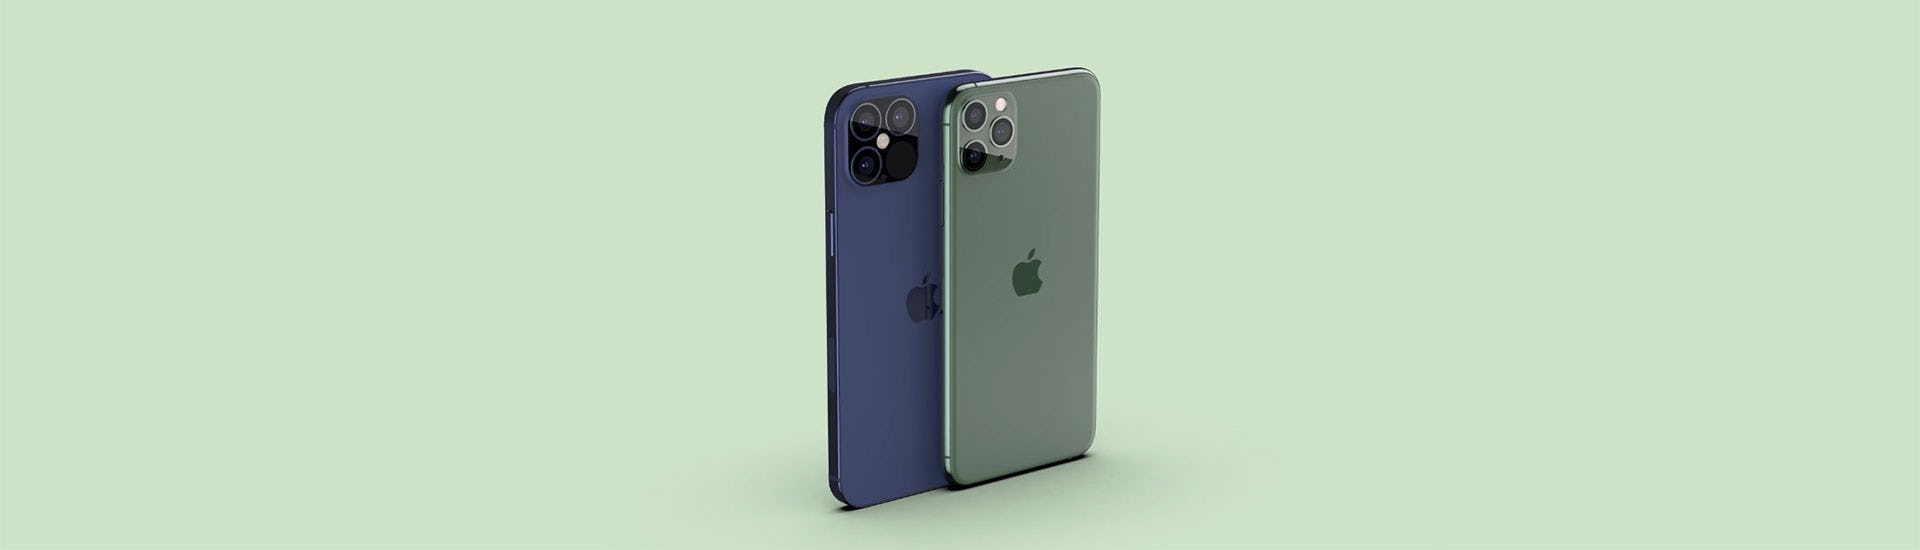 iPhone 12 -puhelimen mockup (kuva: EverythingApplePro)